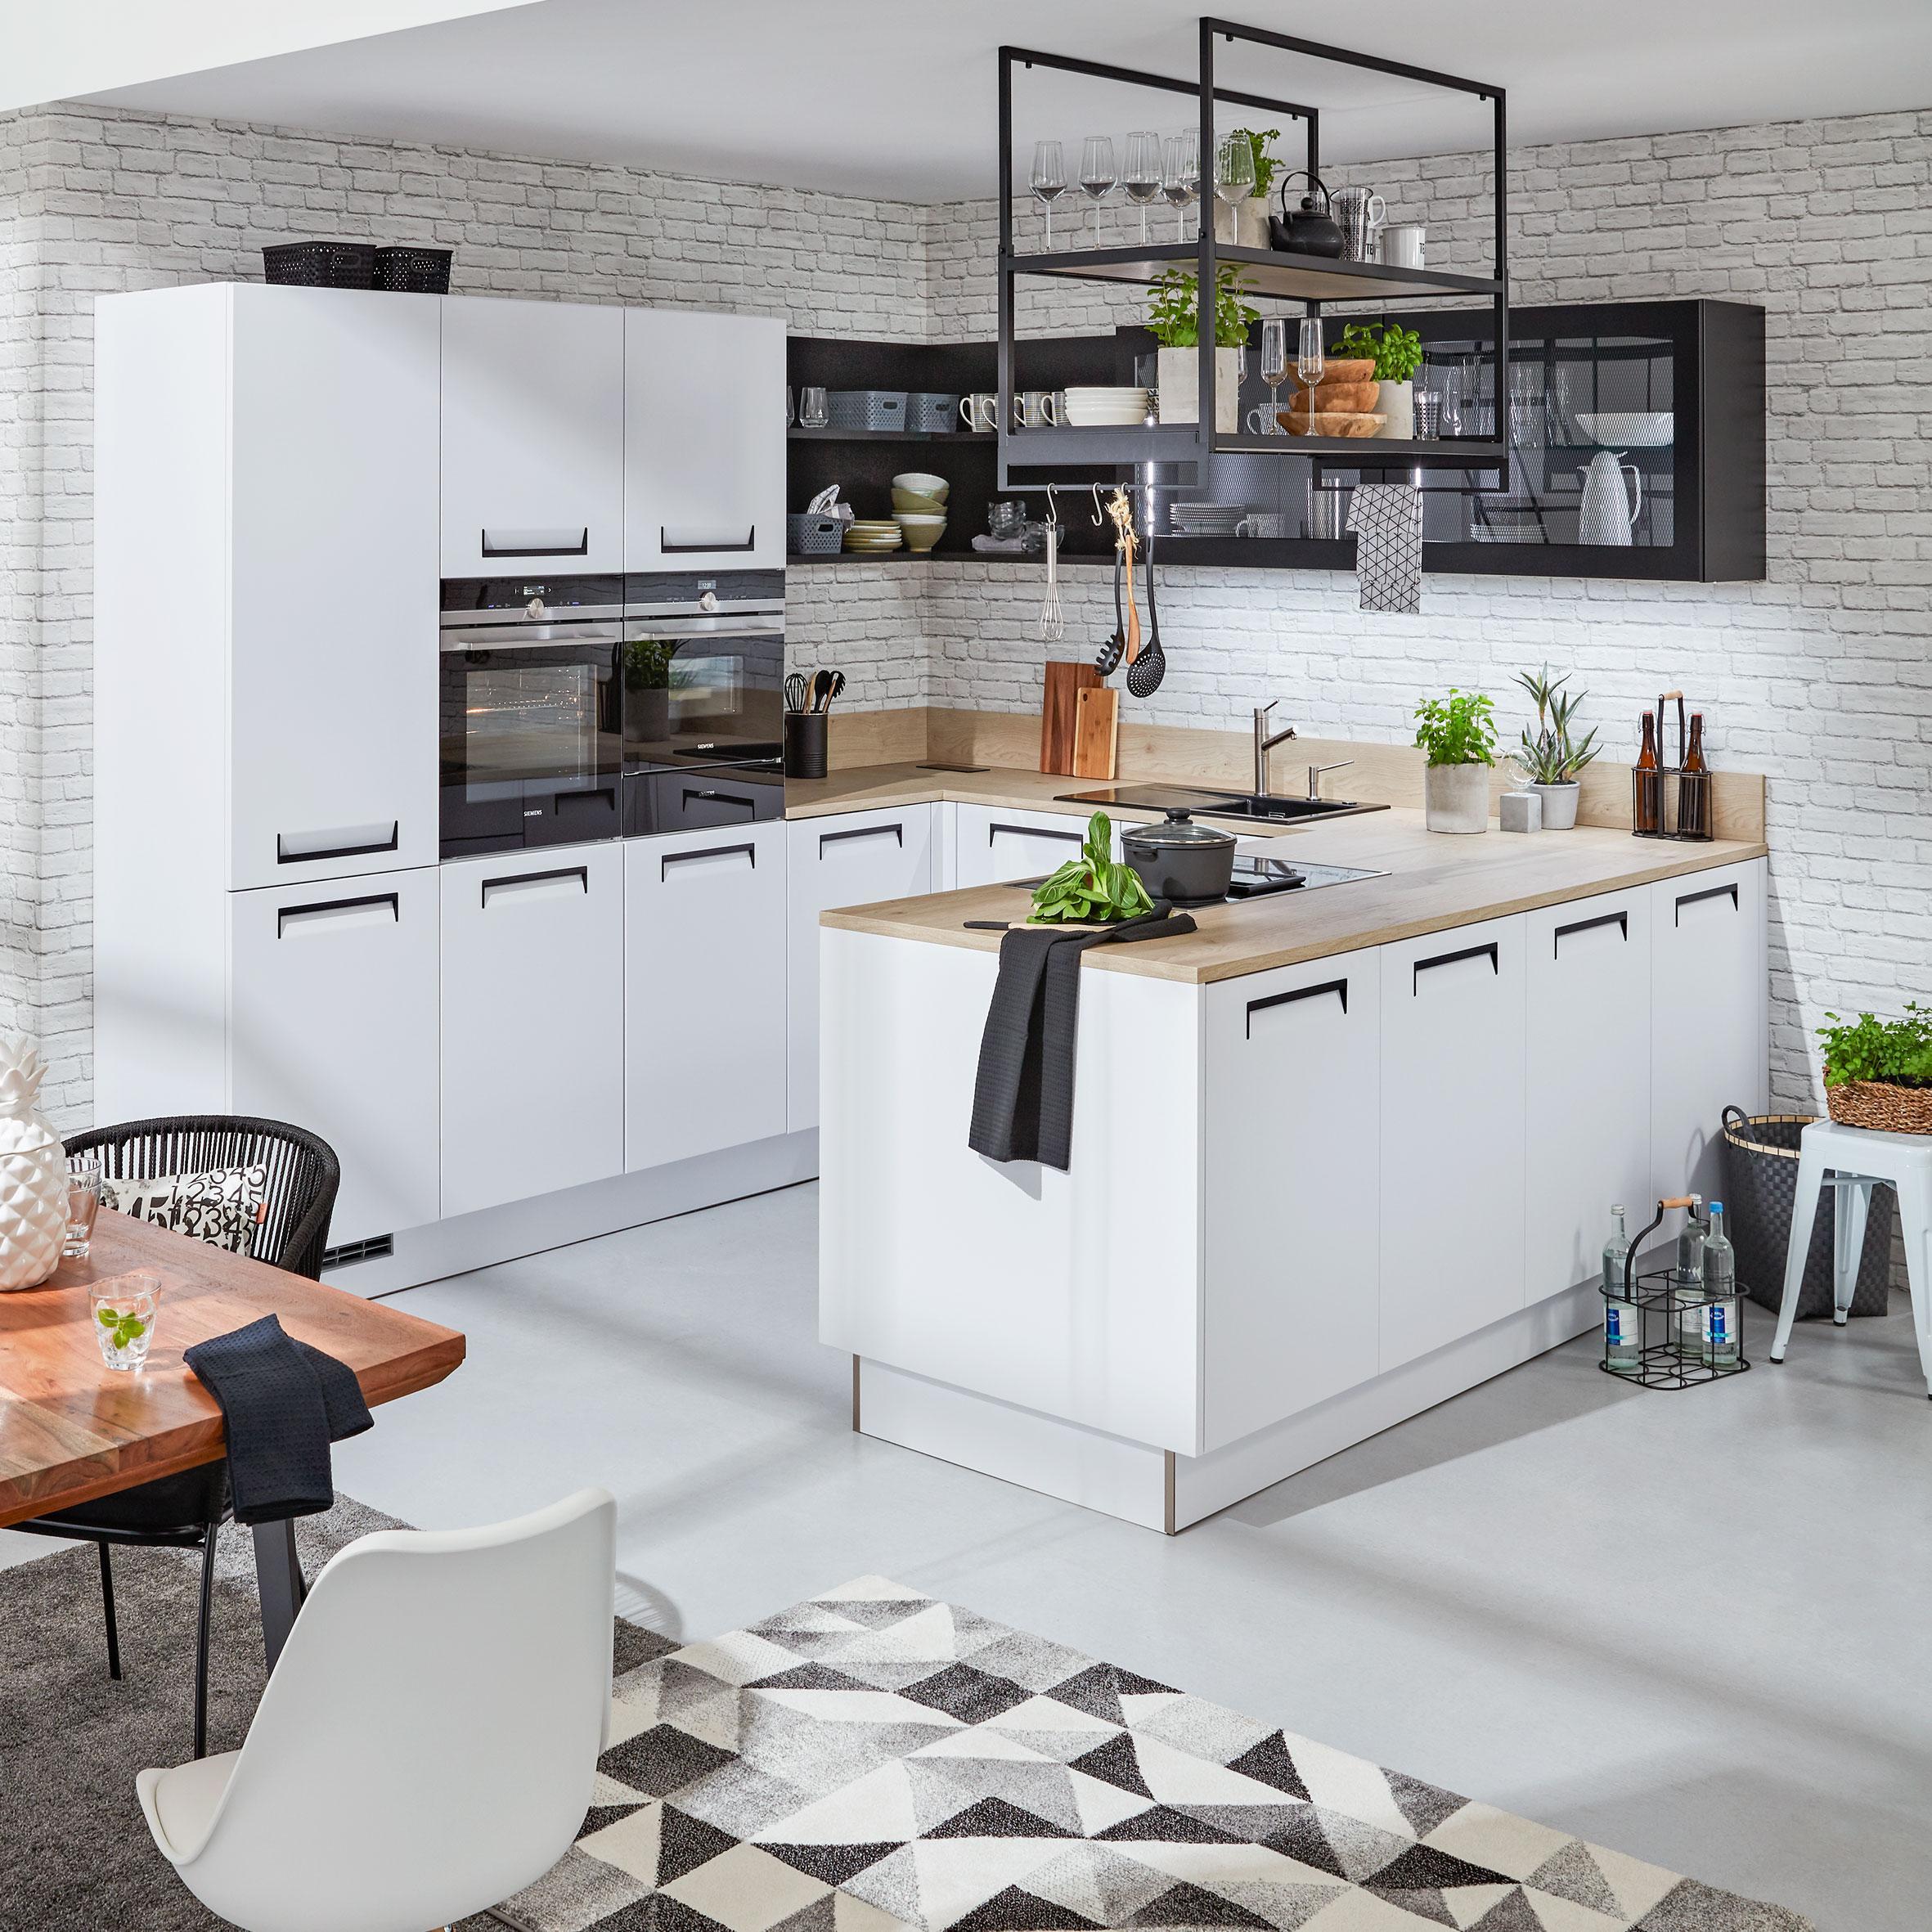 Einbauküche Online Kaufen : einbauk che in wei online bestellen ~ Watch28wear.com Haus und Dekorationen